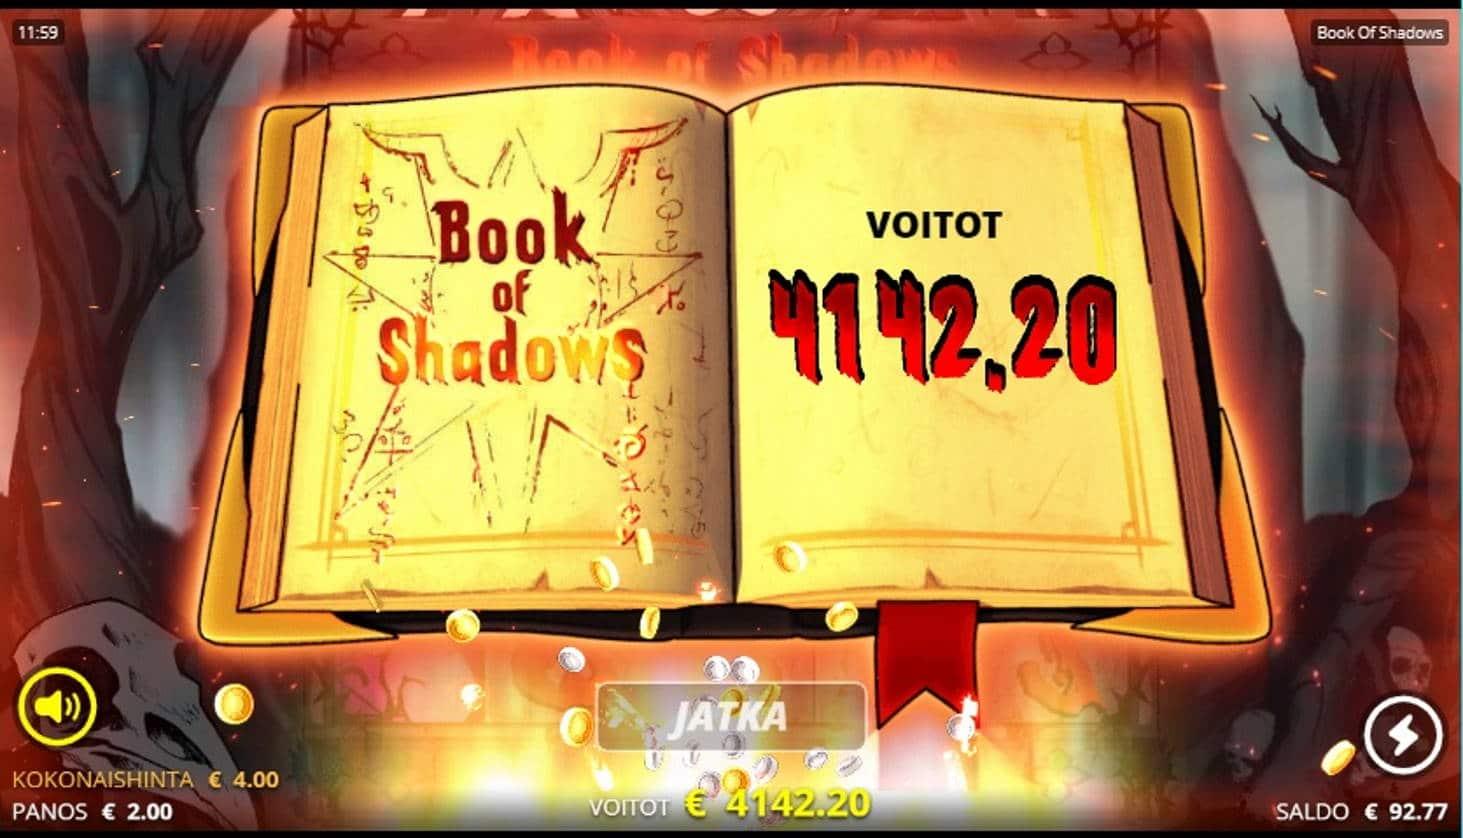 Book of Shadows Casino win picture by Orava 30.12.2020 4142.20e 1036X